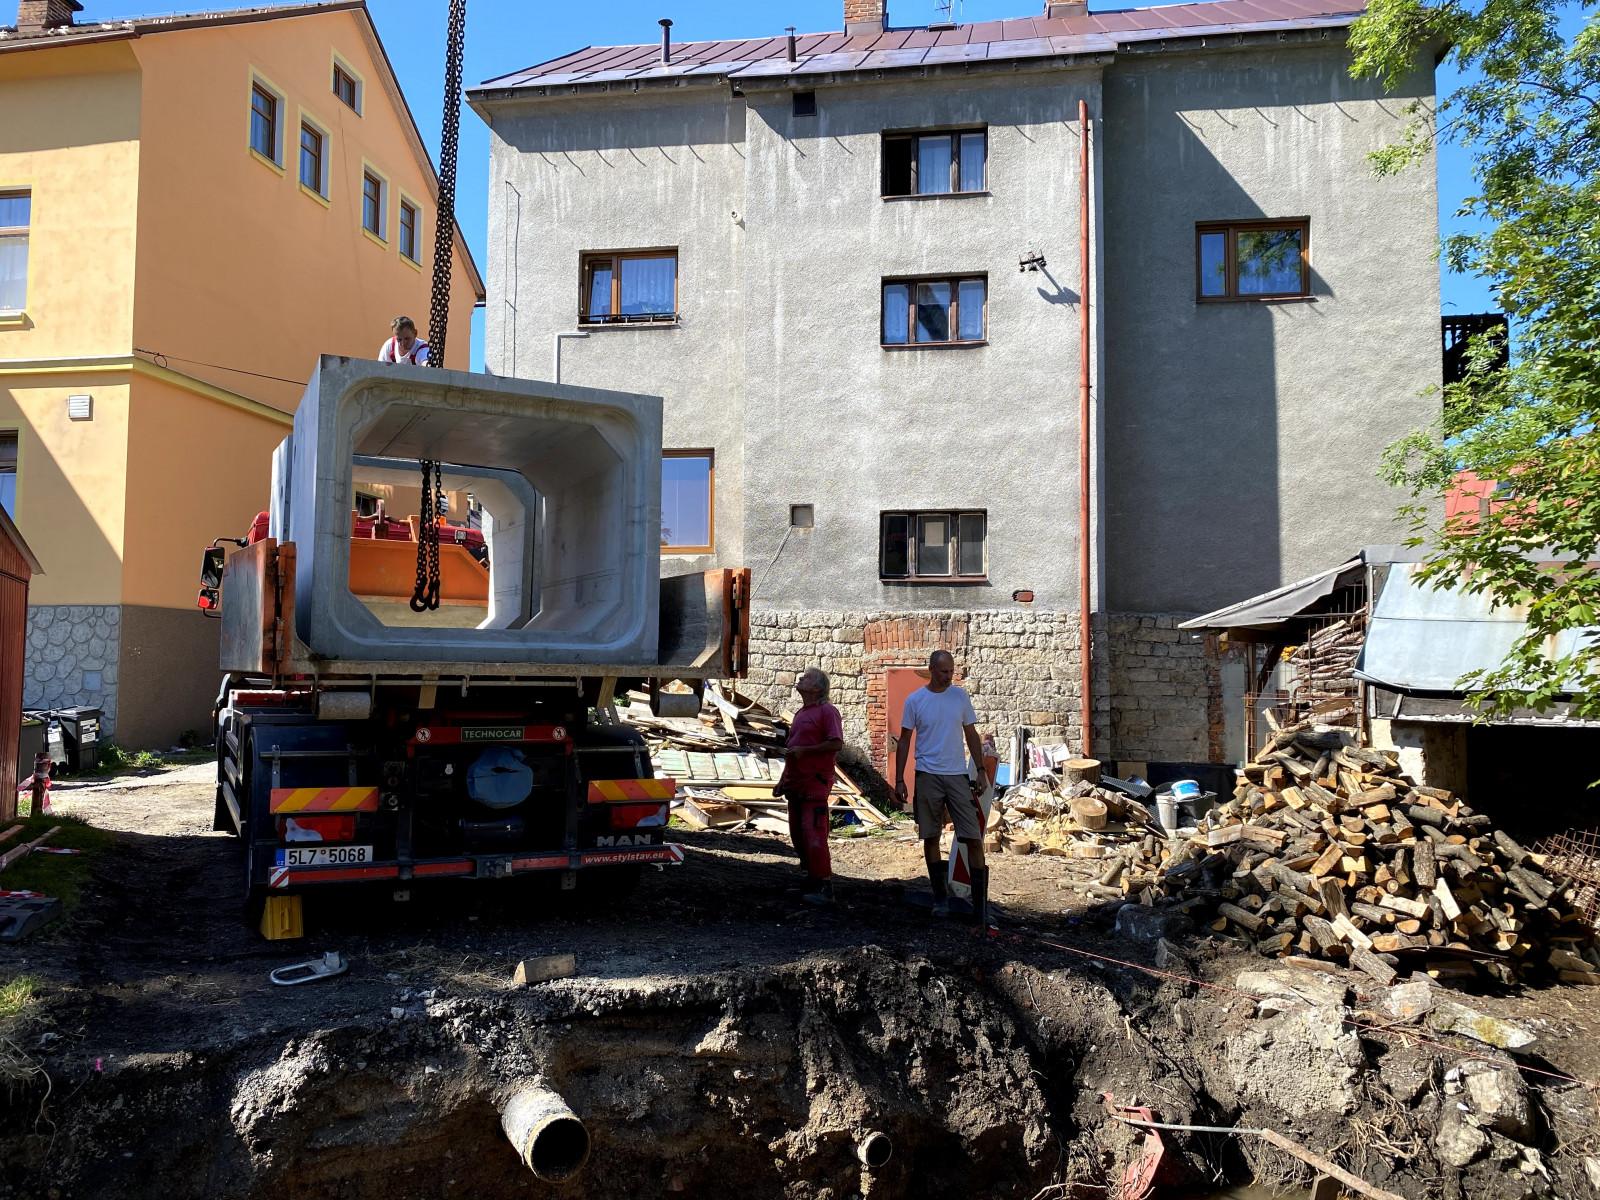 Rekonstrukce mostu v Mostecké ul. ve Smržovce